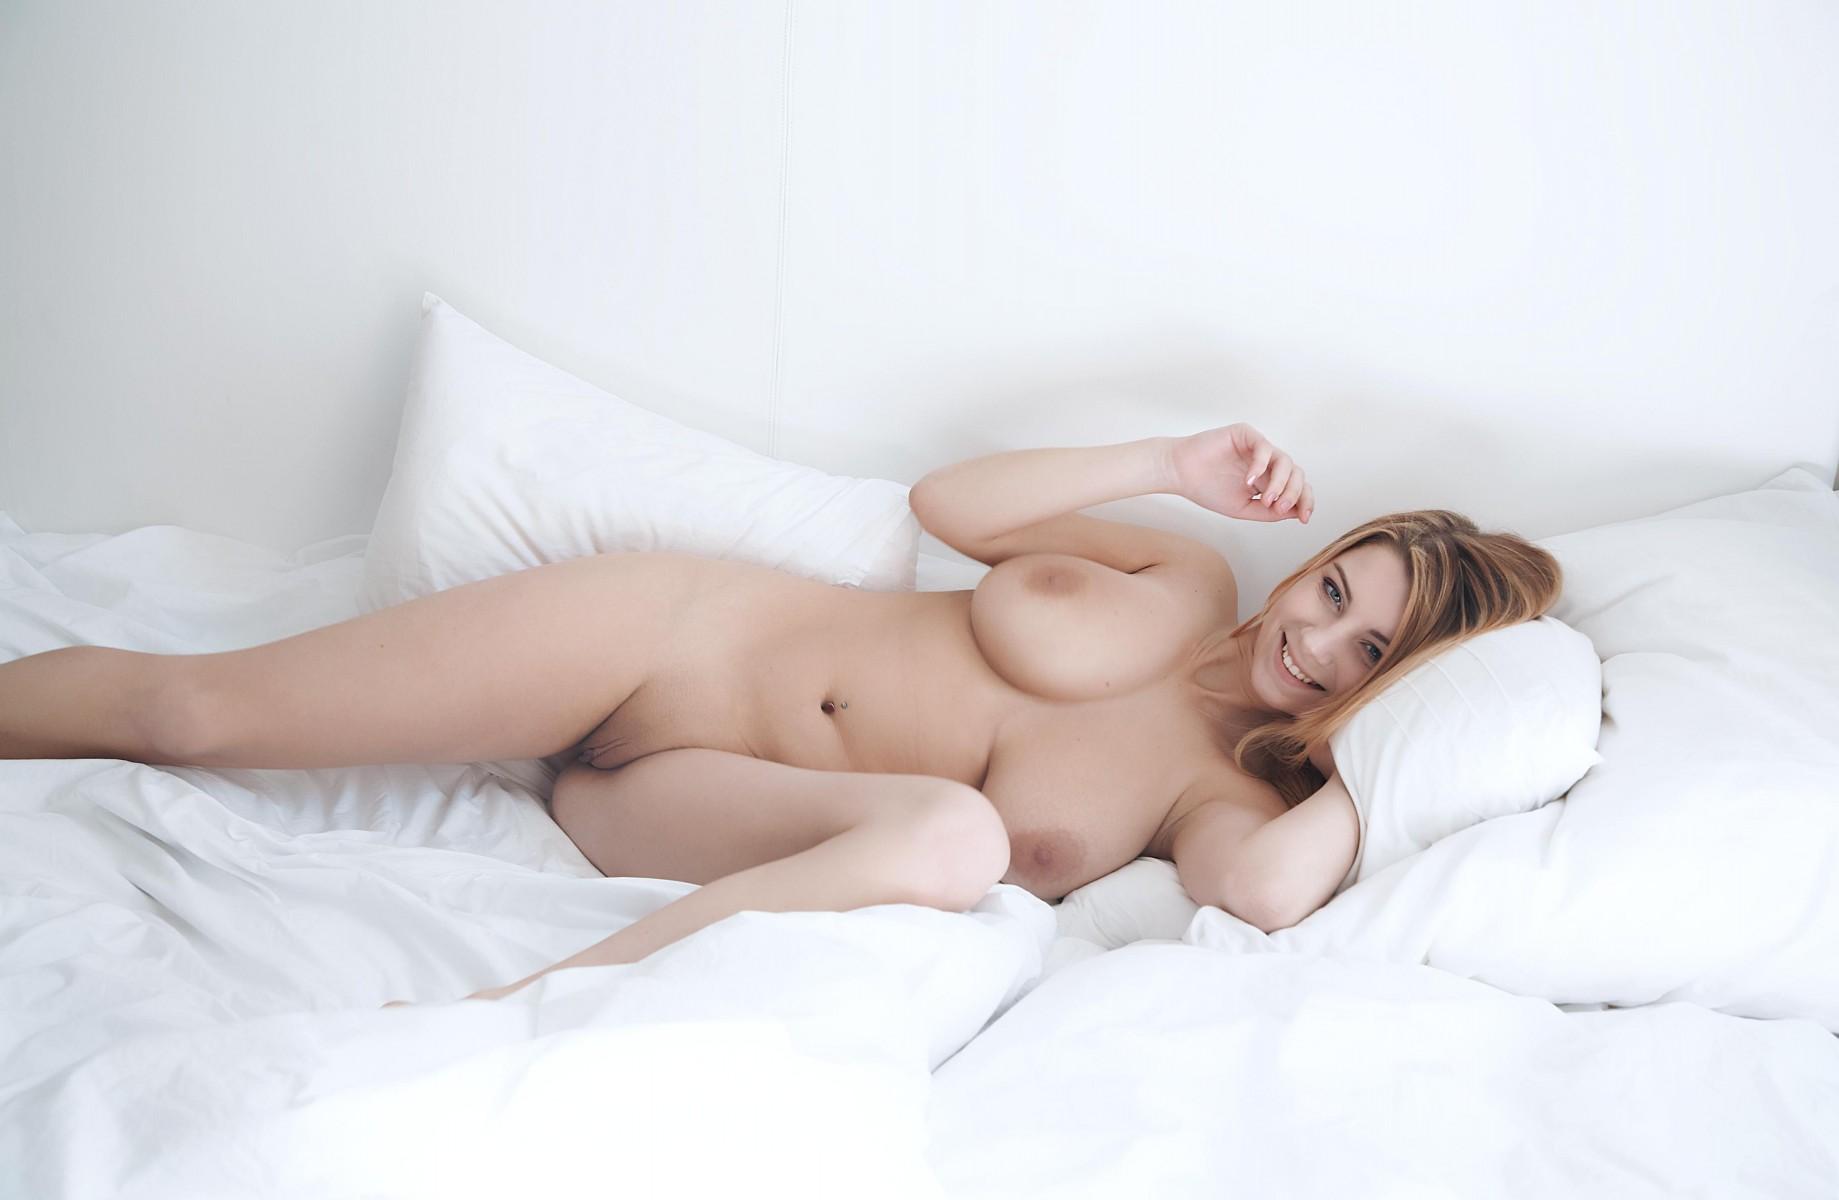 пышногрудая в кровати только очень нежно